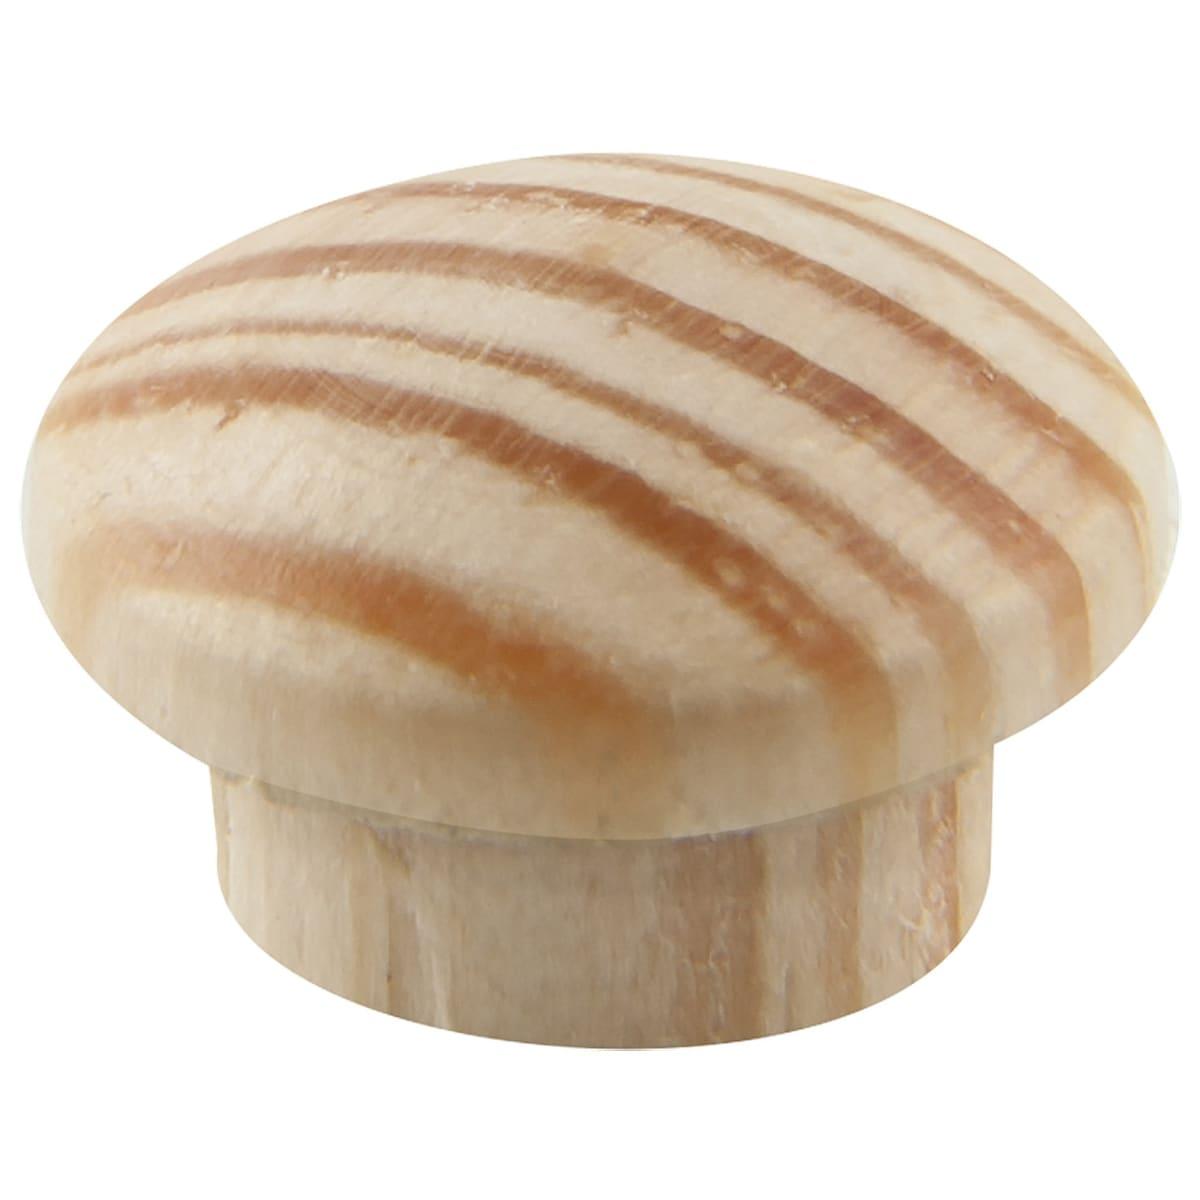 Заглушки деревянные 8 мм, 25 шт.